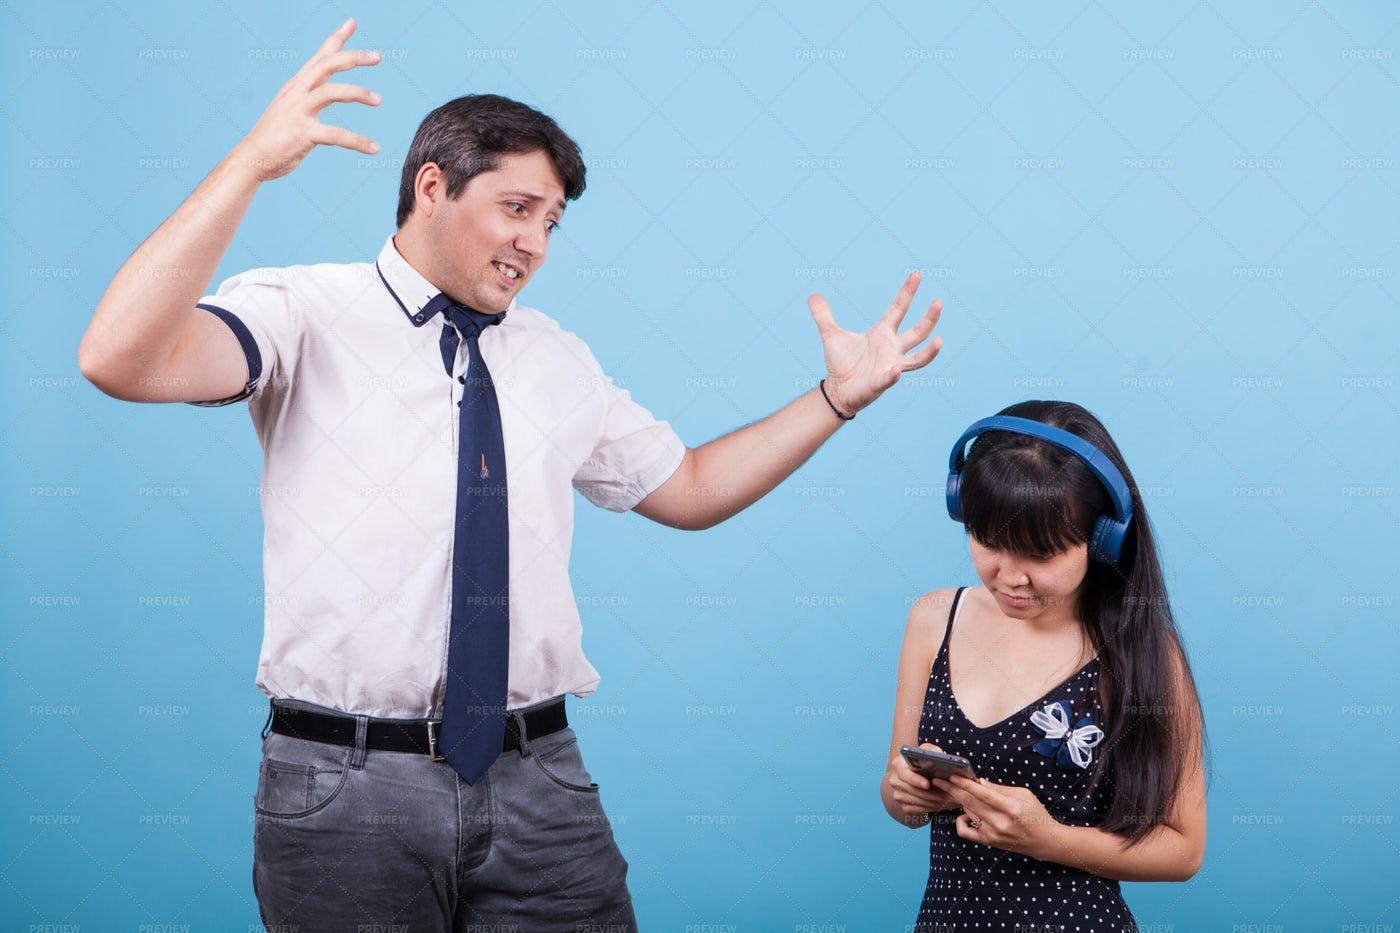 Man Angry At Woman: Stock Photos